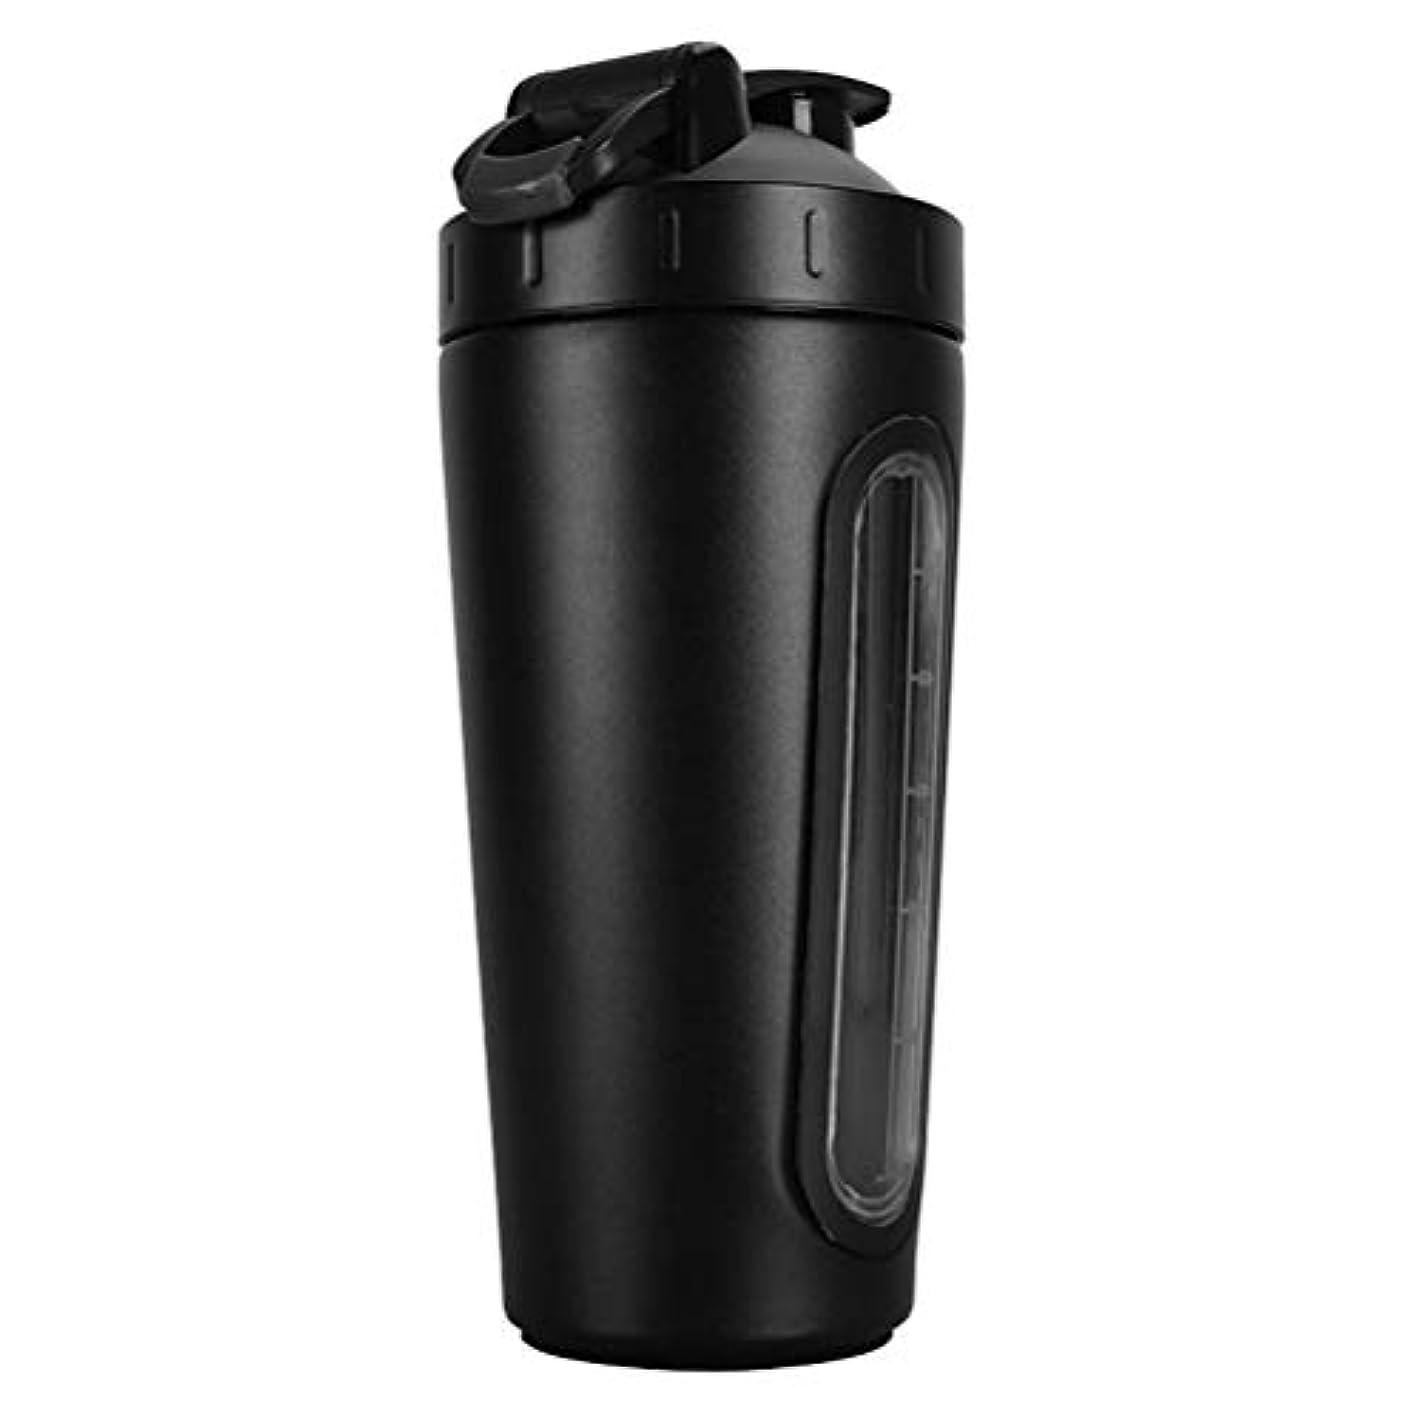 是正するギャラリー実現可能性Erose-BD 2019新型 304ステンレスプロテインシェイカーボトル プロテインシェイカー シェイカー ボトル 水筒 ウォーターボトル (800ml) 1個 黒